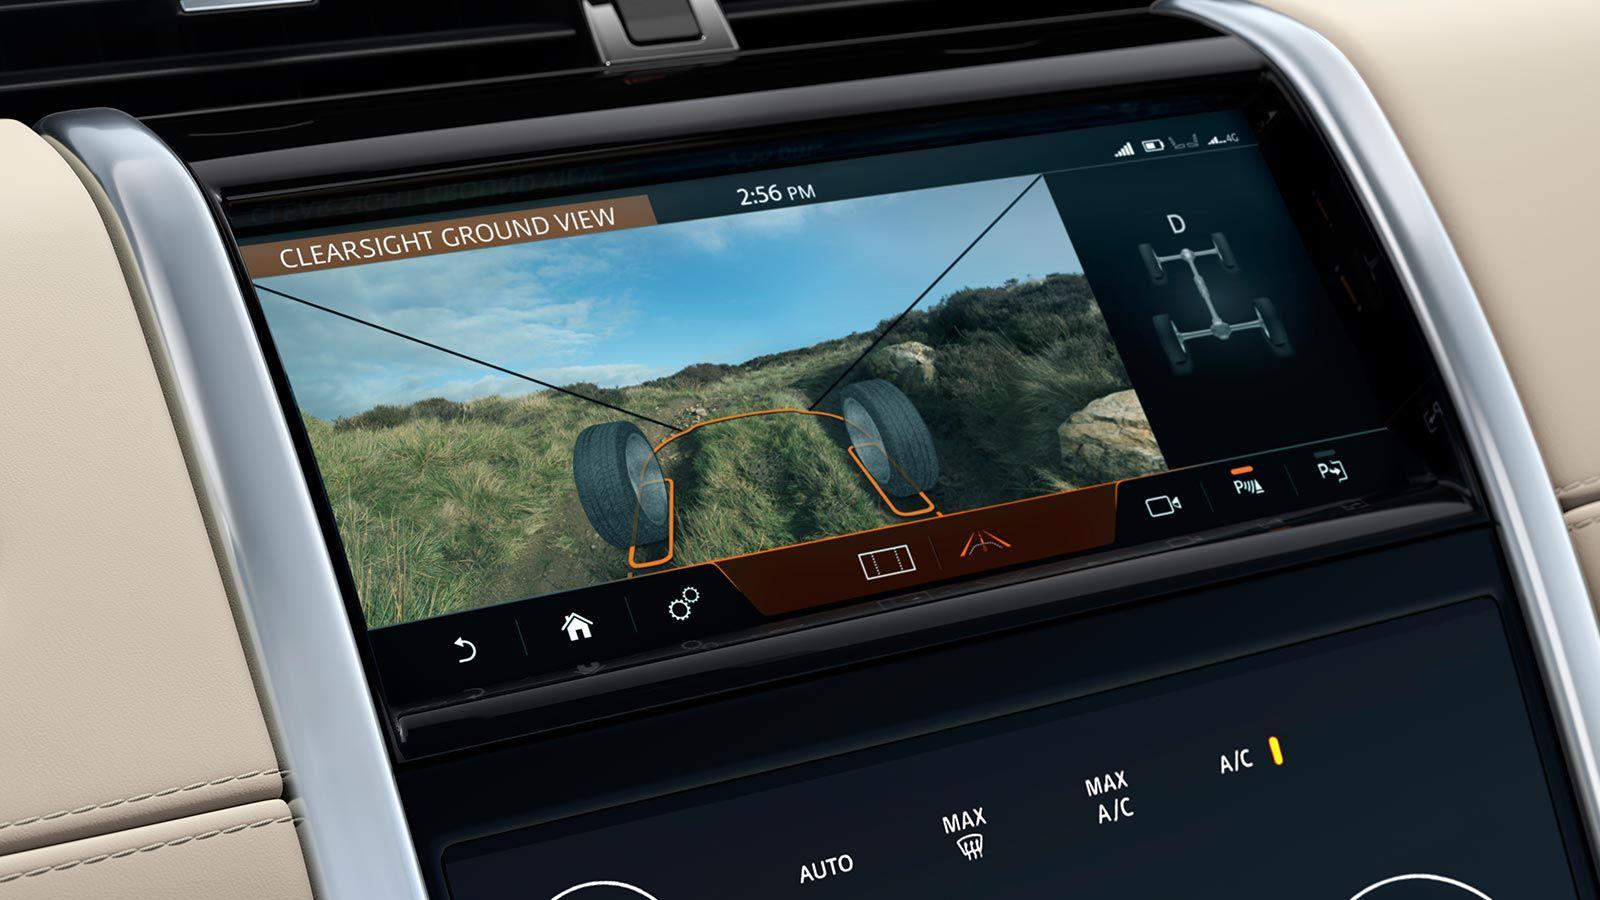 La pantalla de la consola central de la Land Rover Discovery Sport 2020 precio en México no luce tan sofisticada como la que se monta en otras versiones superiores